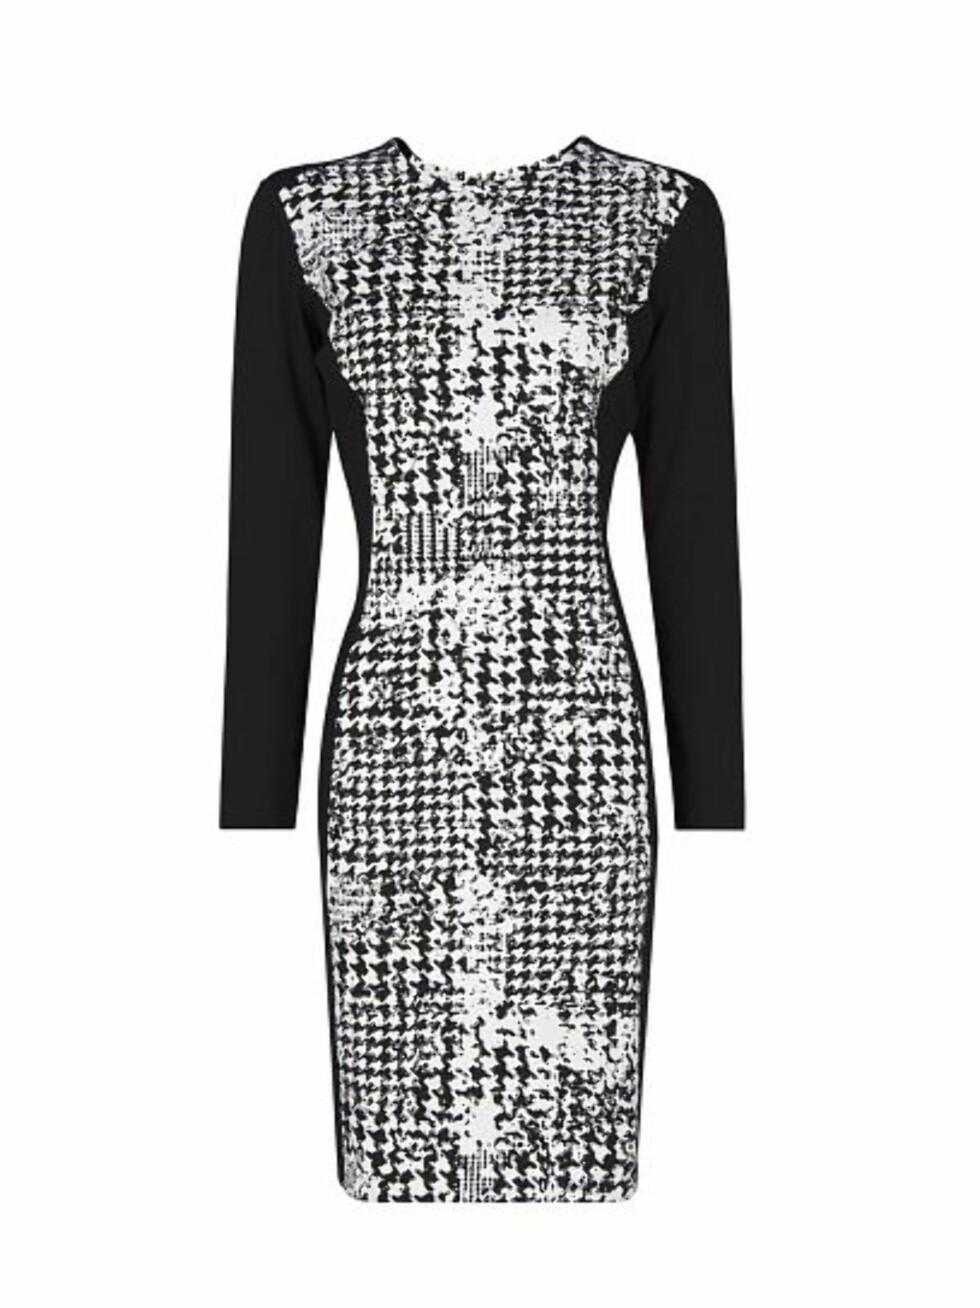 Mønstret svart-hvit kjole med svarte partier langs sidene. 449 kroner, Shop.mango.com.  Foto: Produsenten